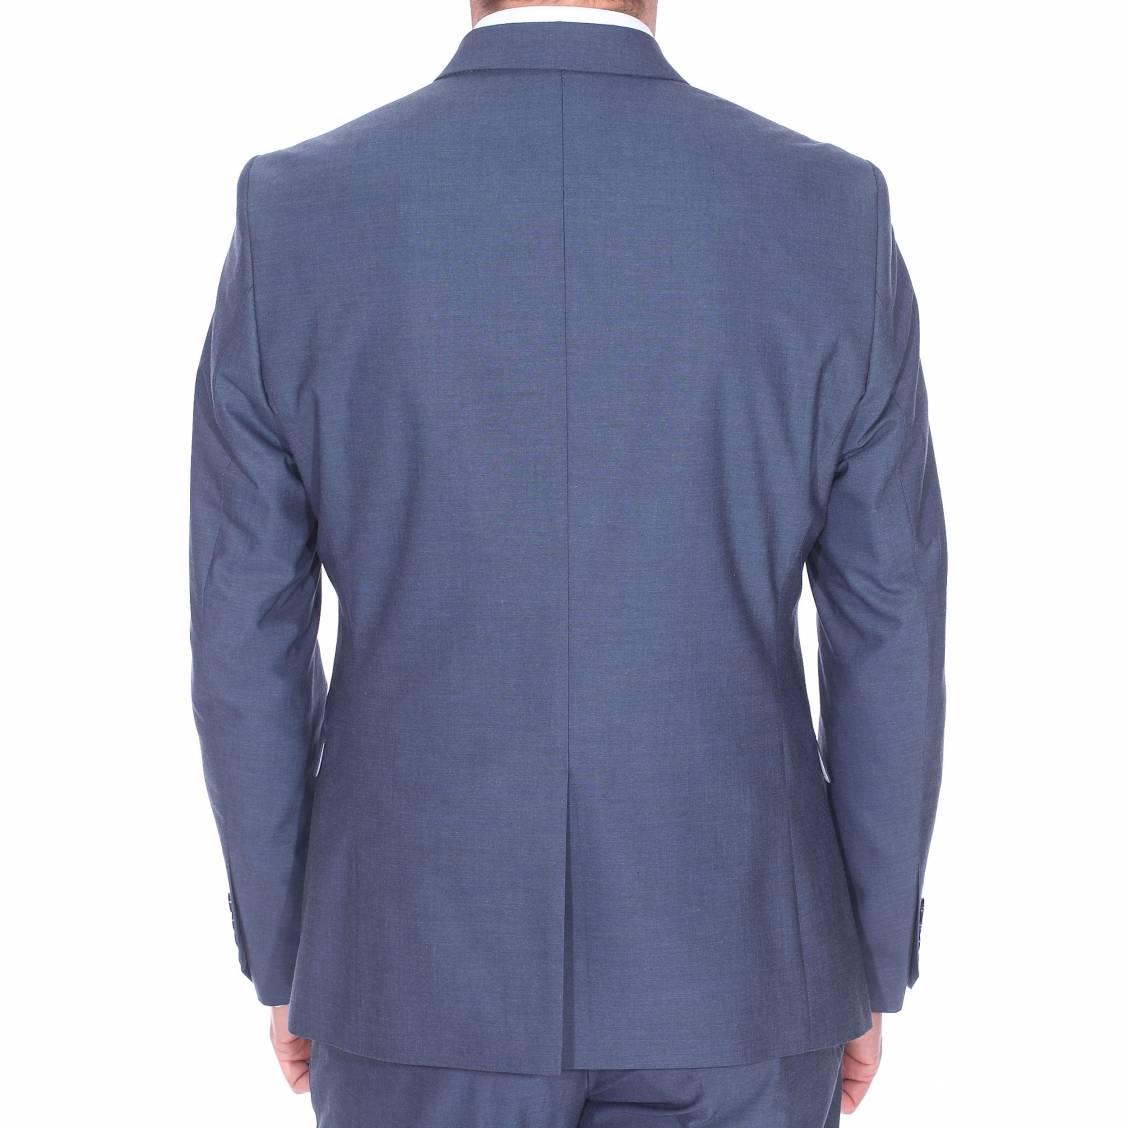 veste de costume cintr e noxjack selected bleu gris rue des hommes. Black Bedroom Furniture Sets. Home Design Ideas